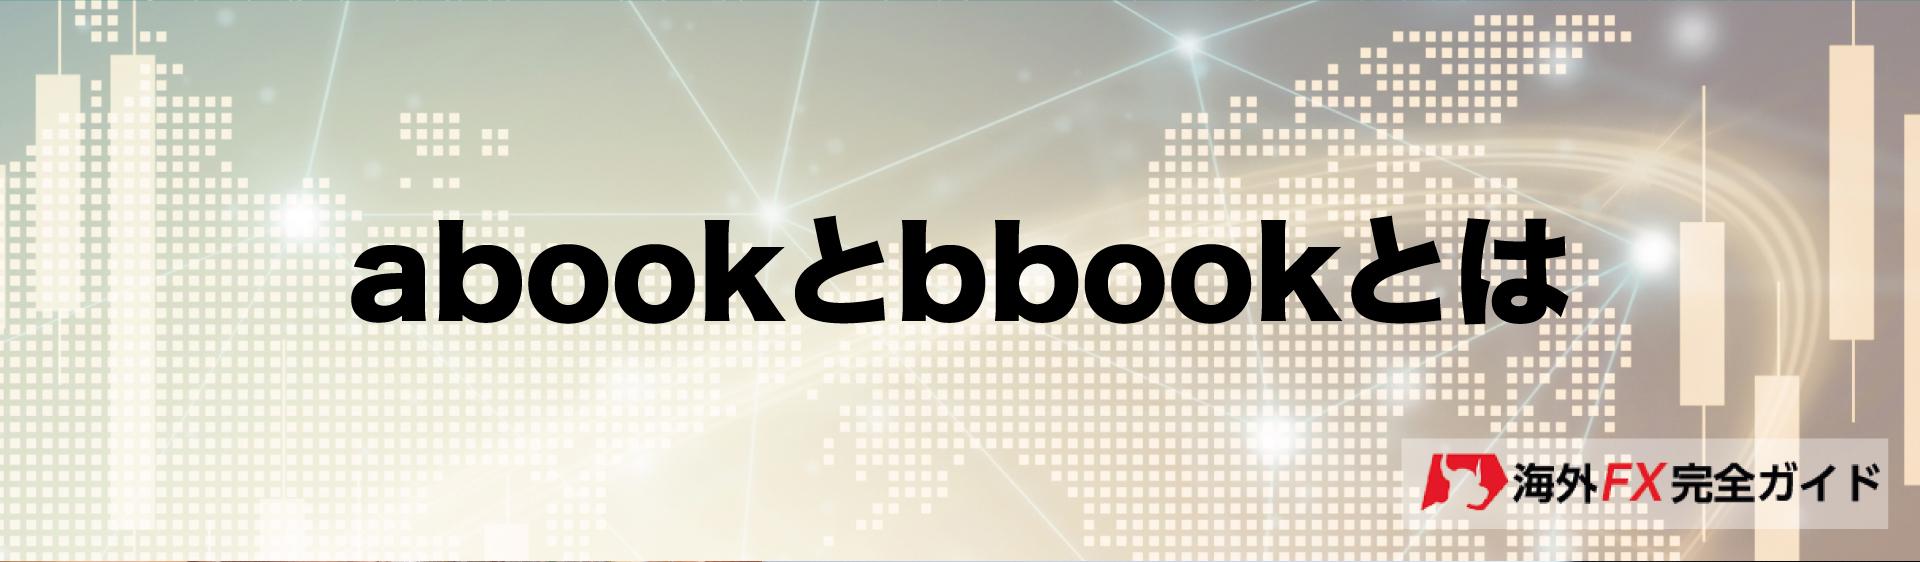 abookとbbookとは